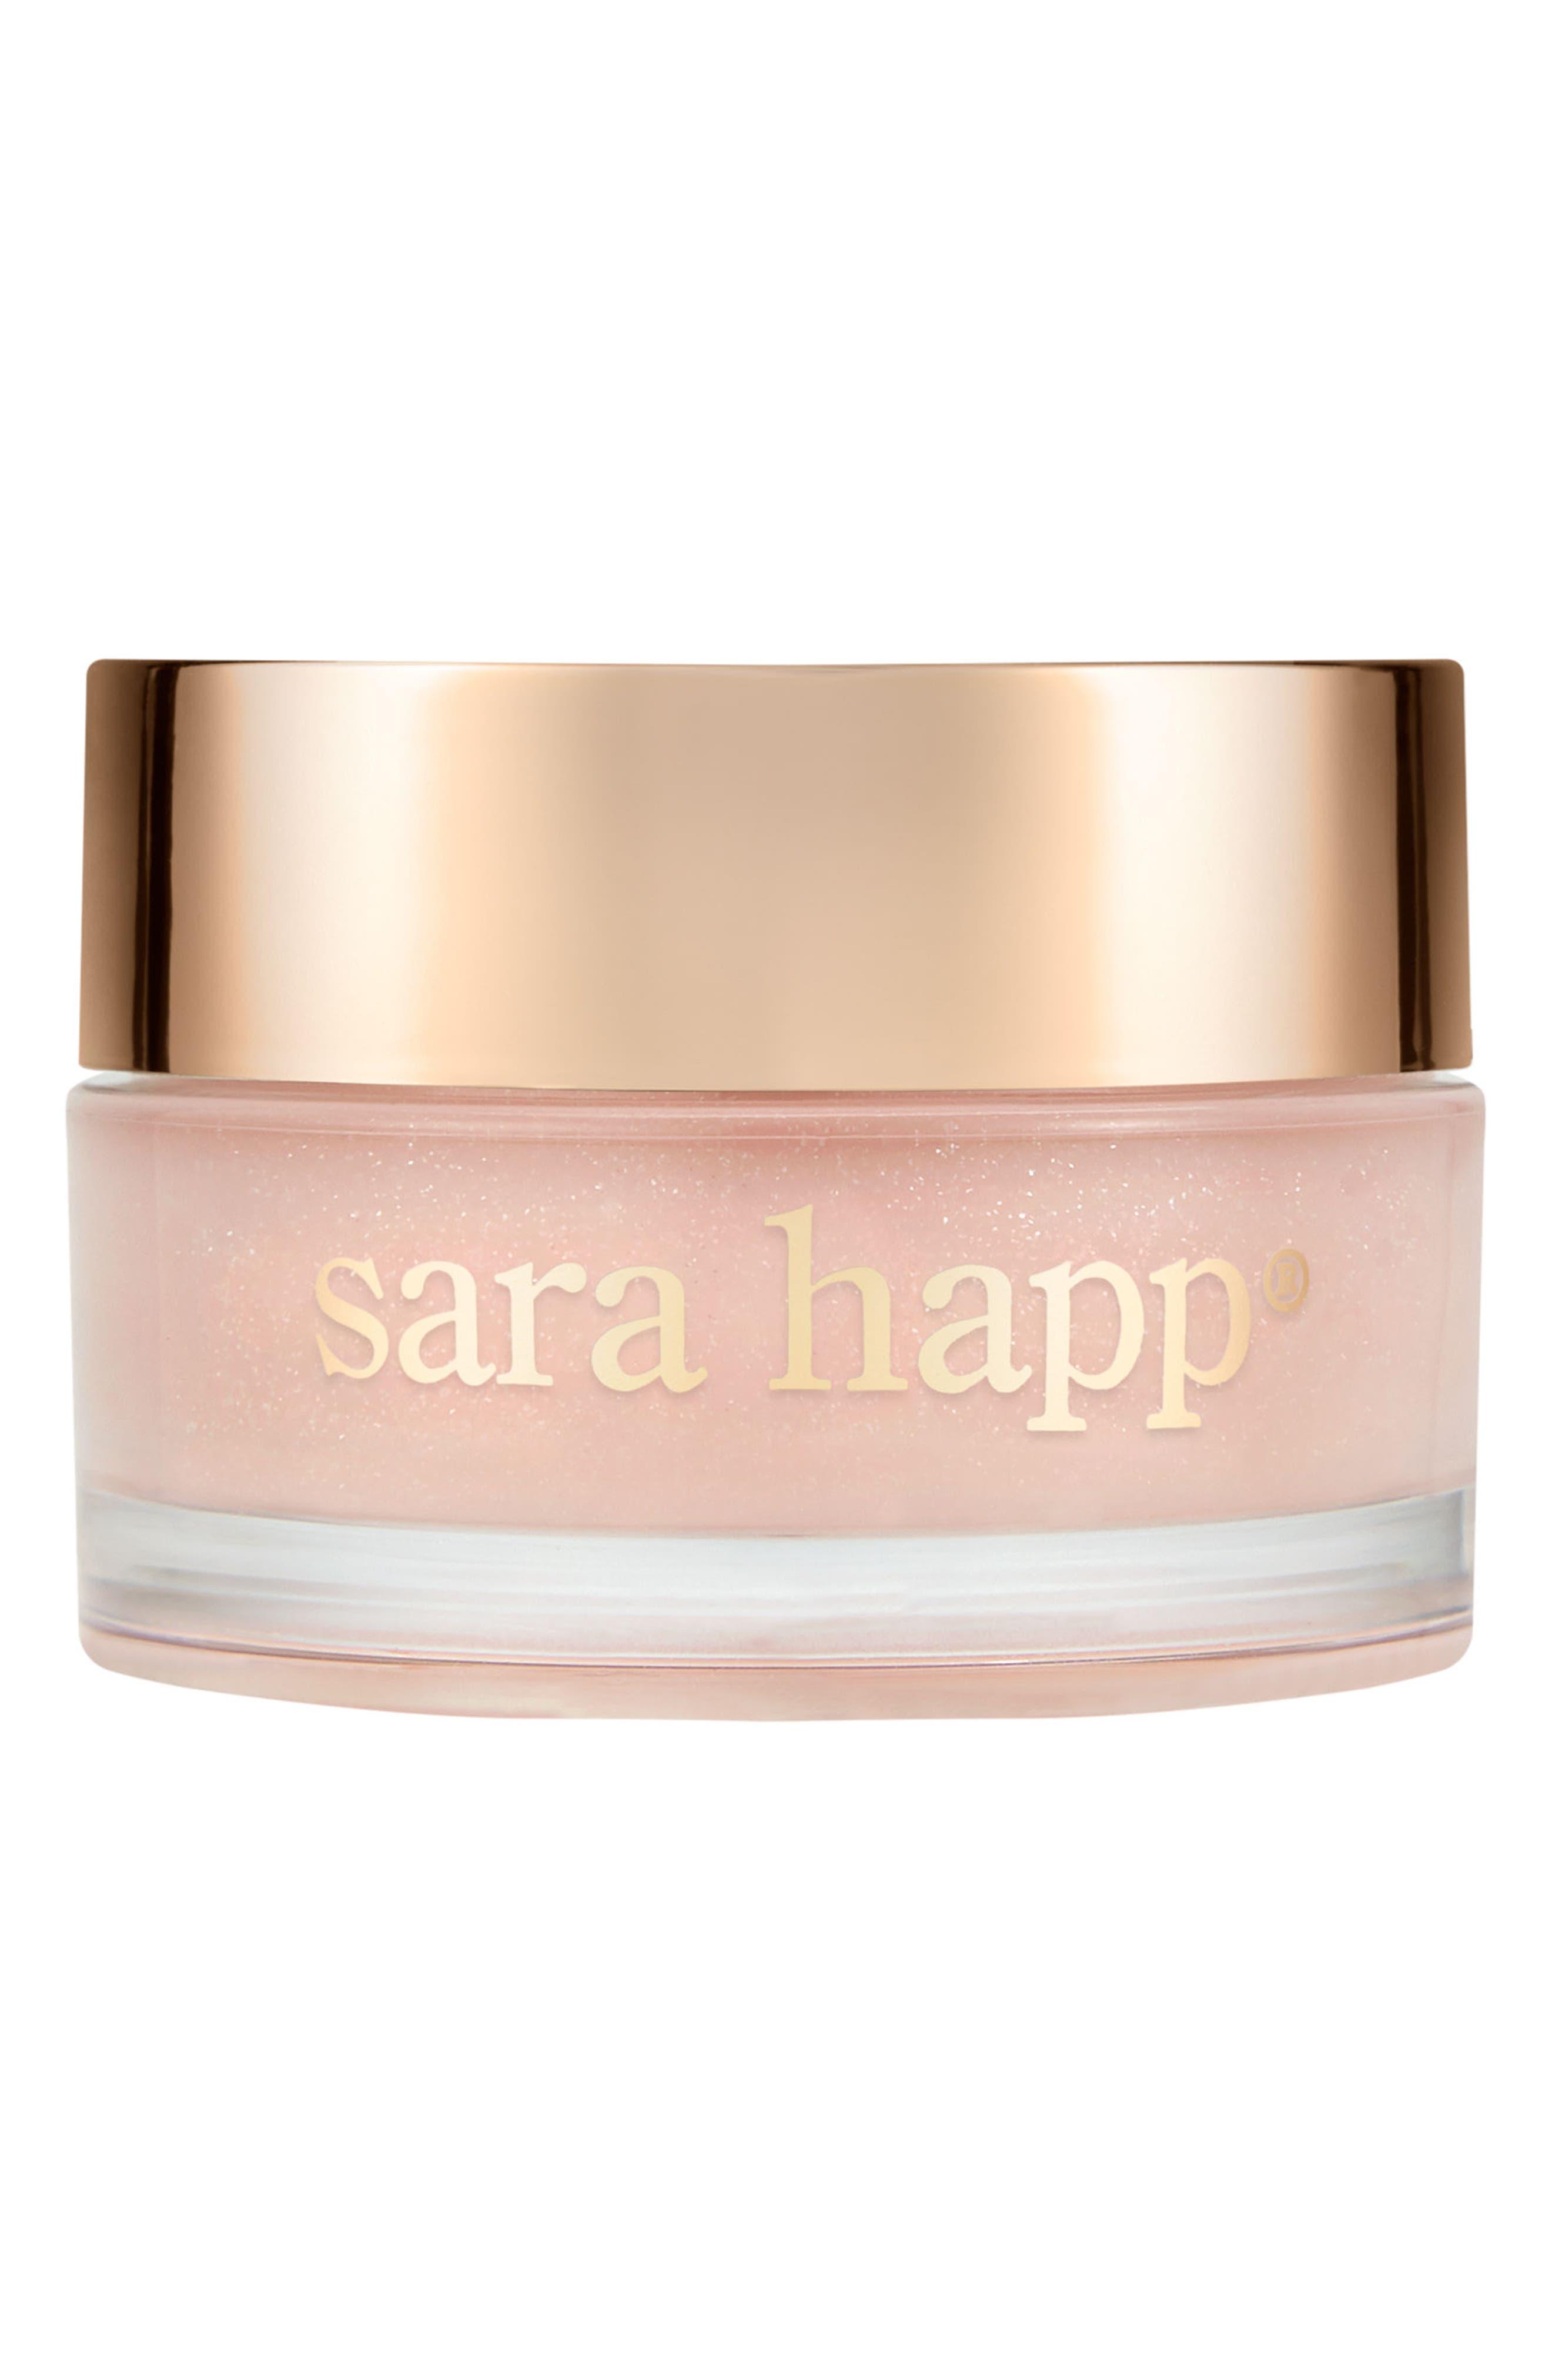 Main Image - sara happ® The Lip Slip® One Luxe Balm